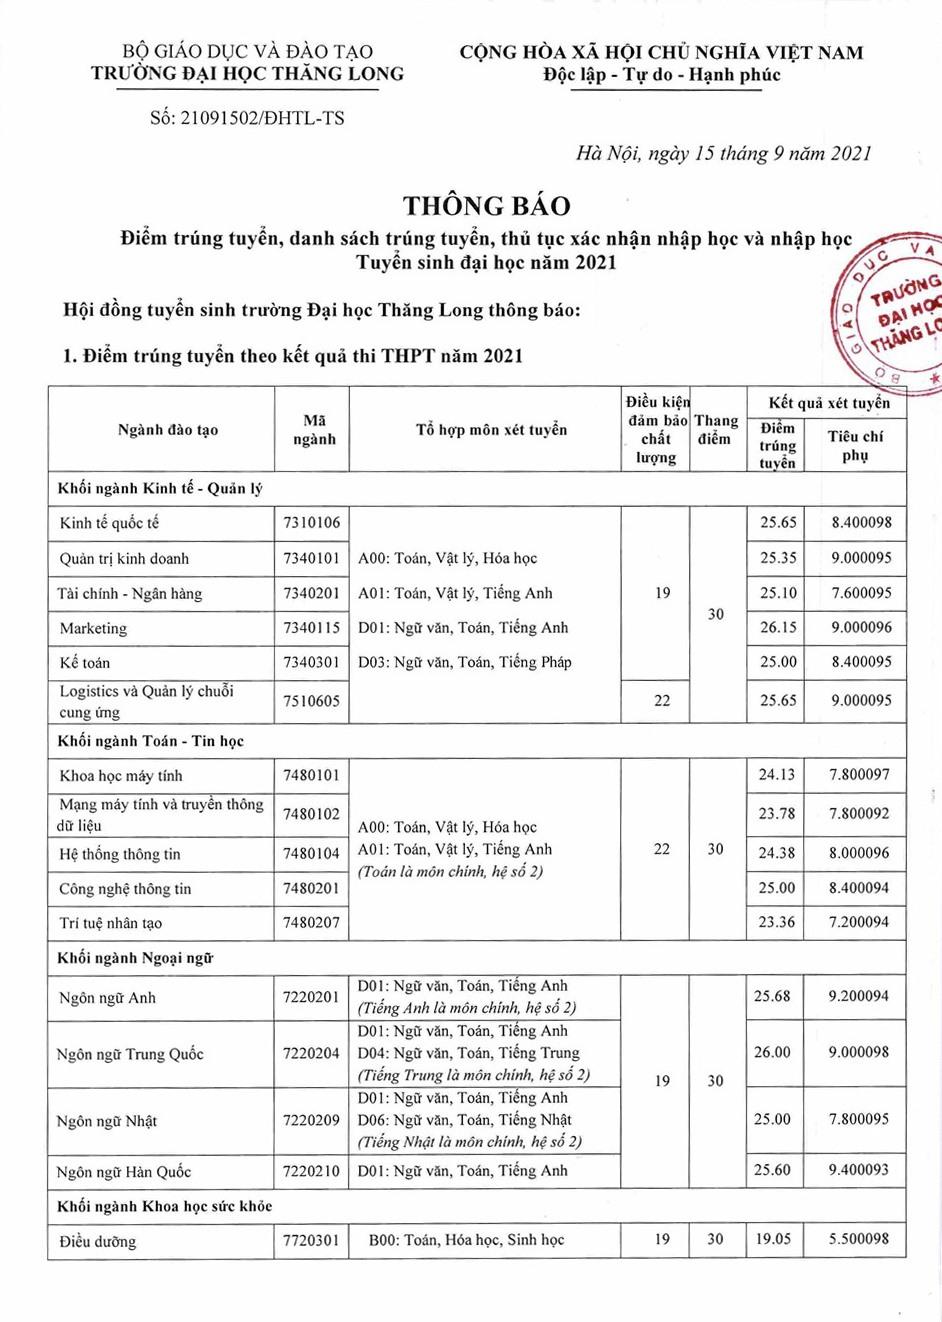 Đại học Thăng Long công bố điểm chuẩn kèm tiêu chí phụ - Ảnh 1